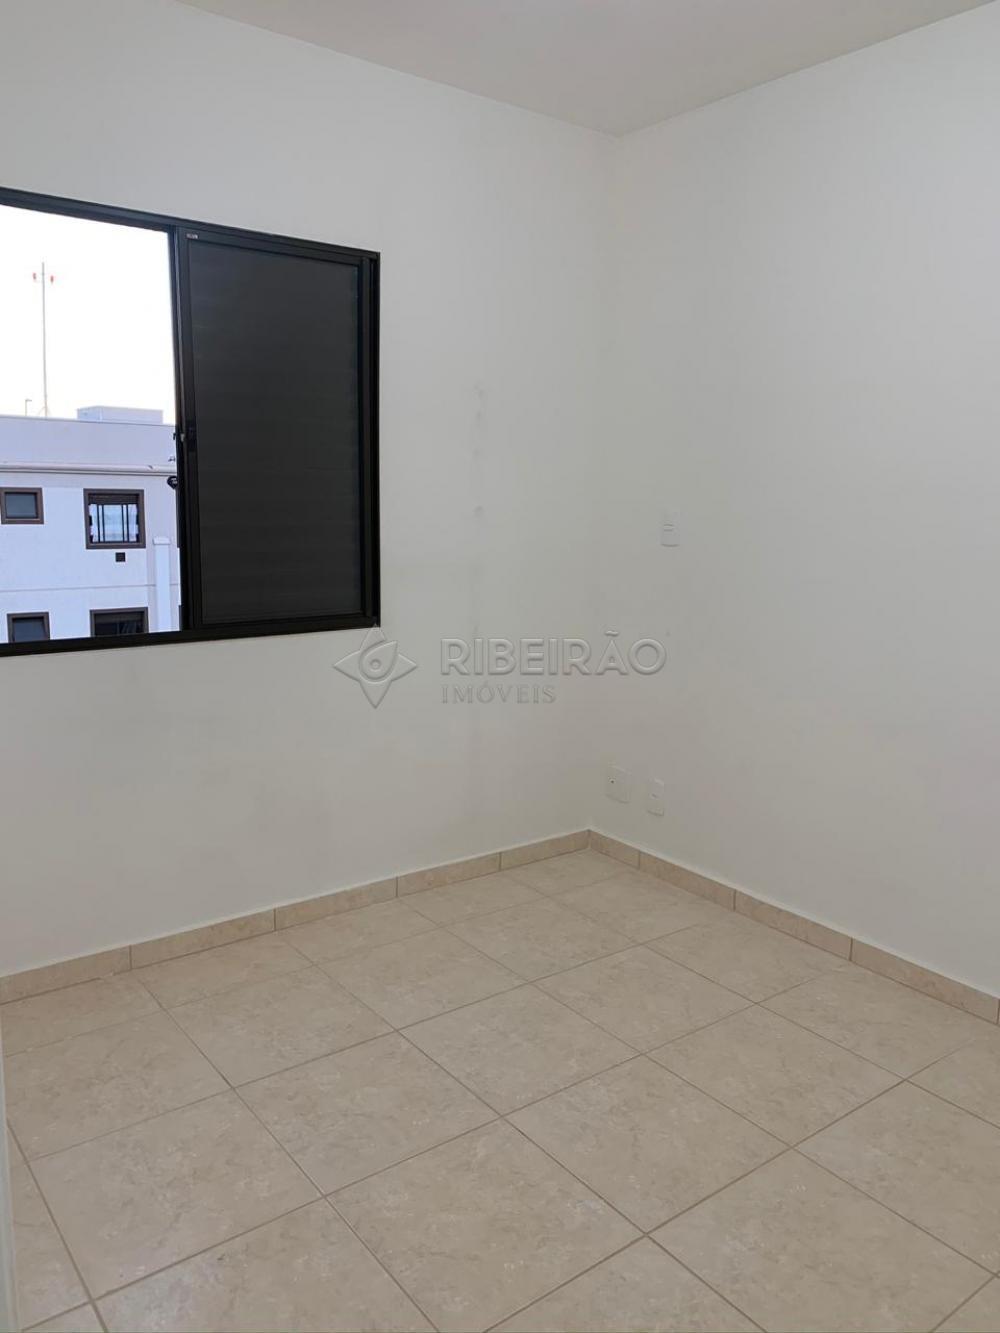 Alugar Apartamento / Padrão em Bonfim Paulista apenas R$ 600,00 - Foto 11